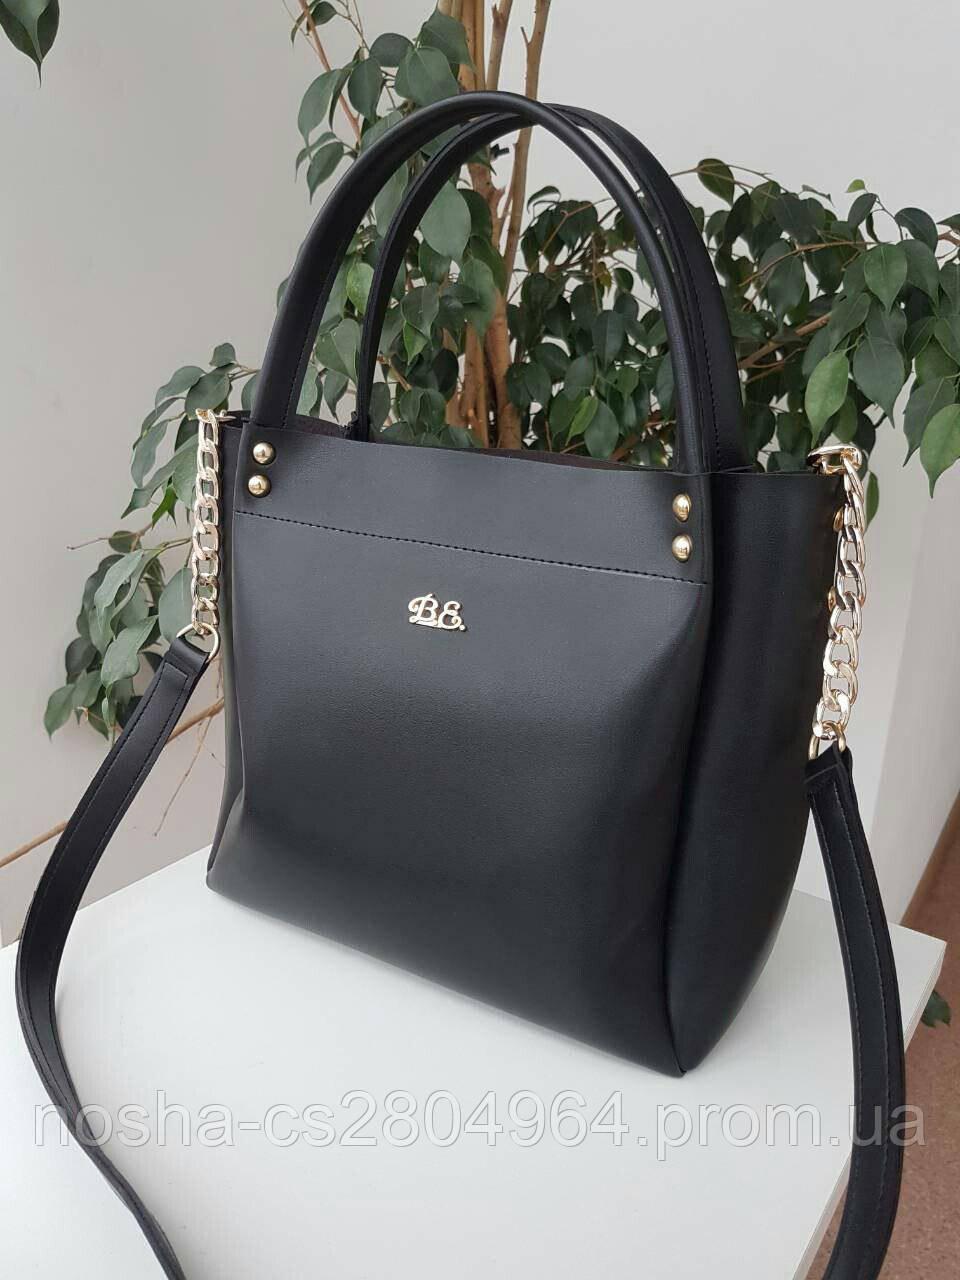 Компактная сумка с цепочкой через плечо B.Elit   Сумка женская Б.Элит   BE ba15455cfc9e1